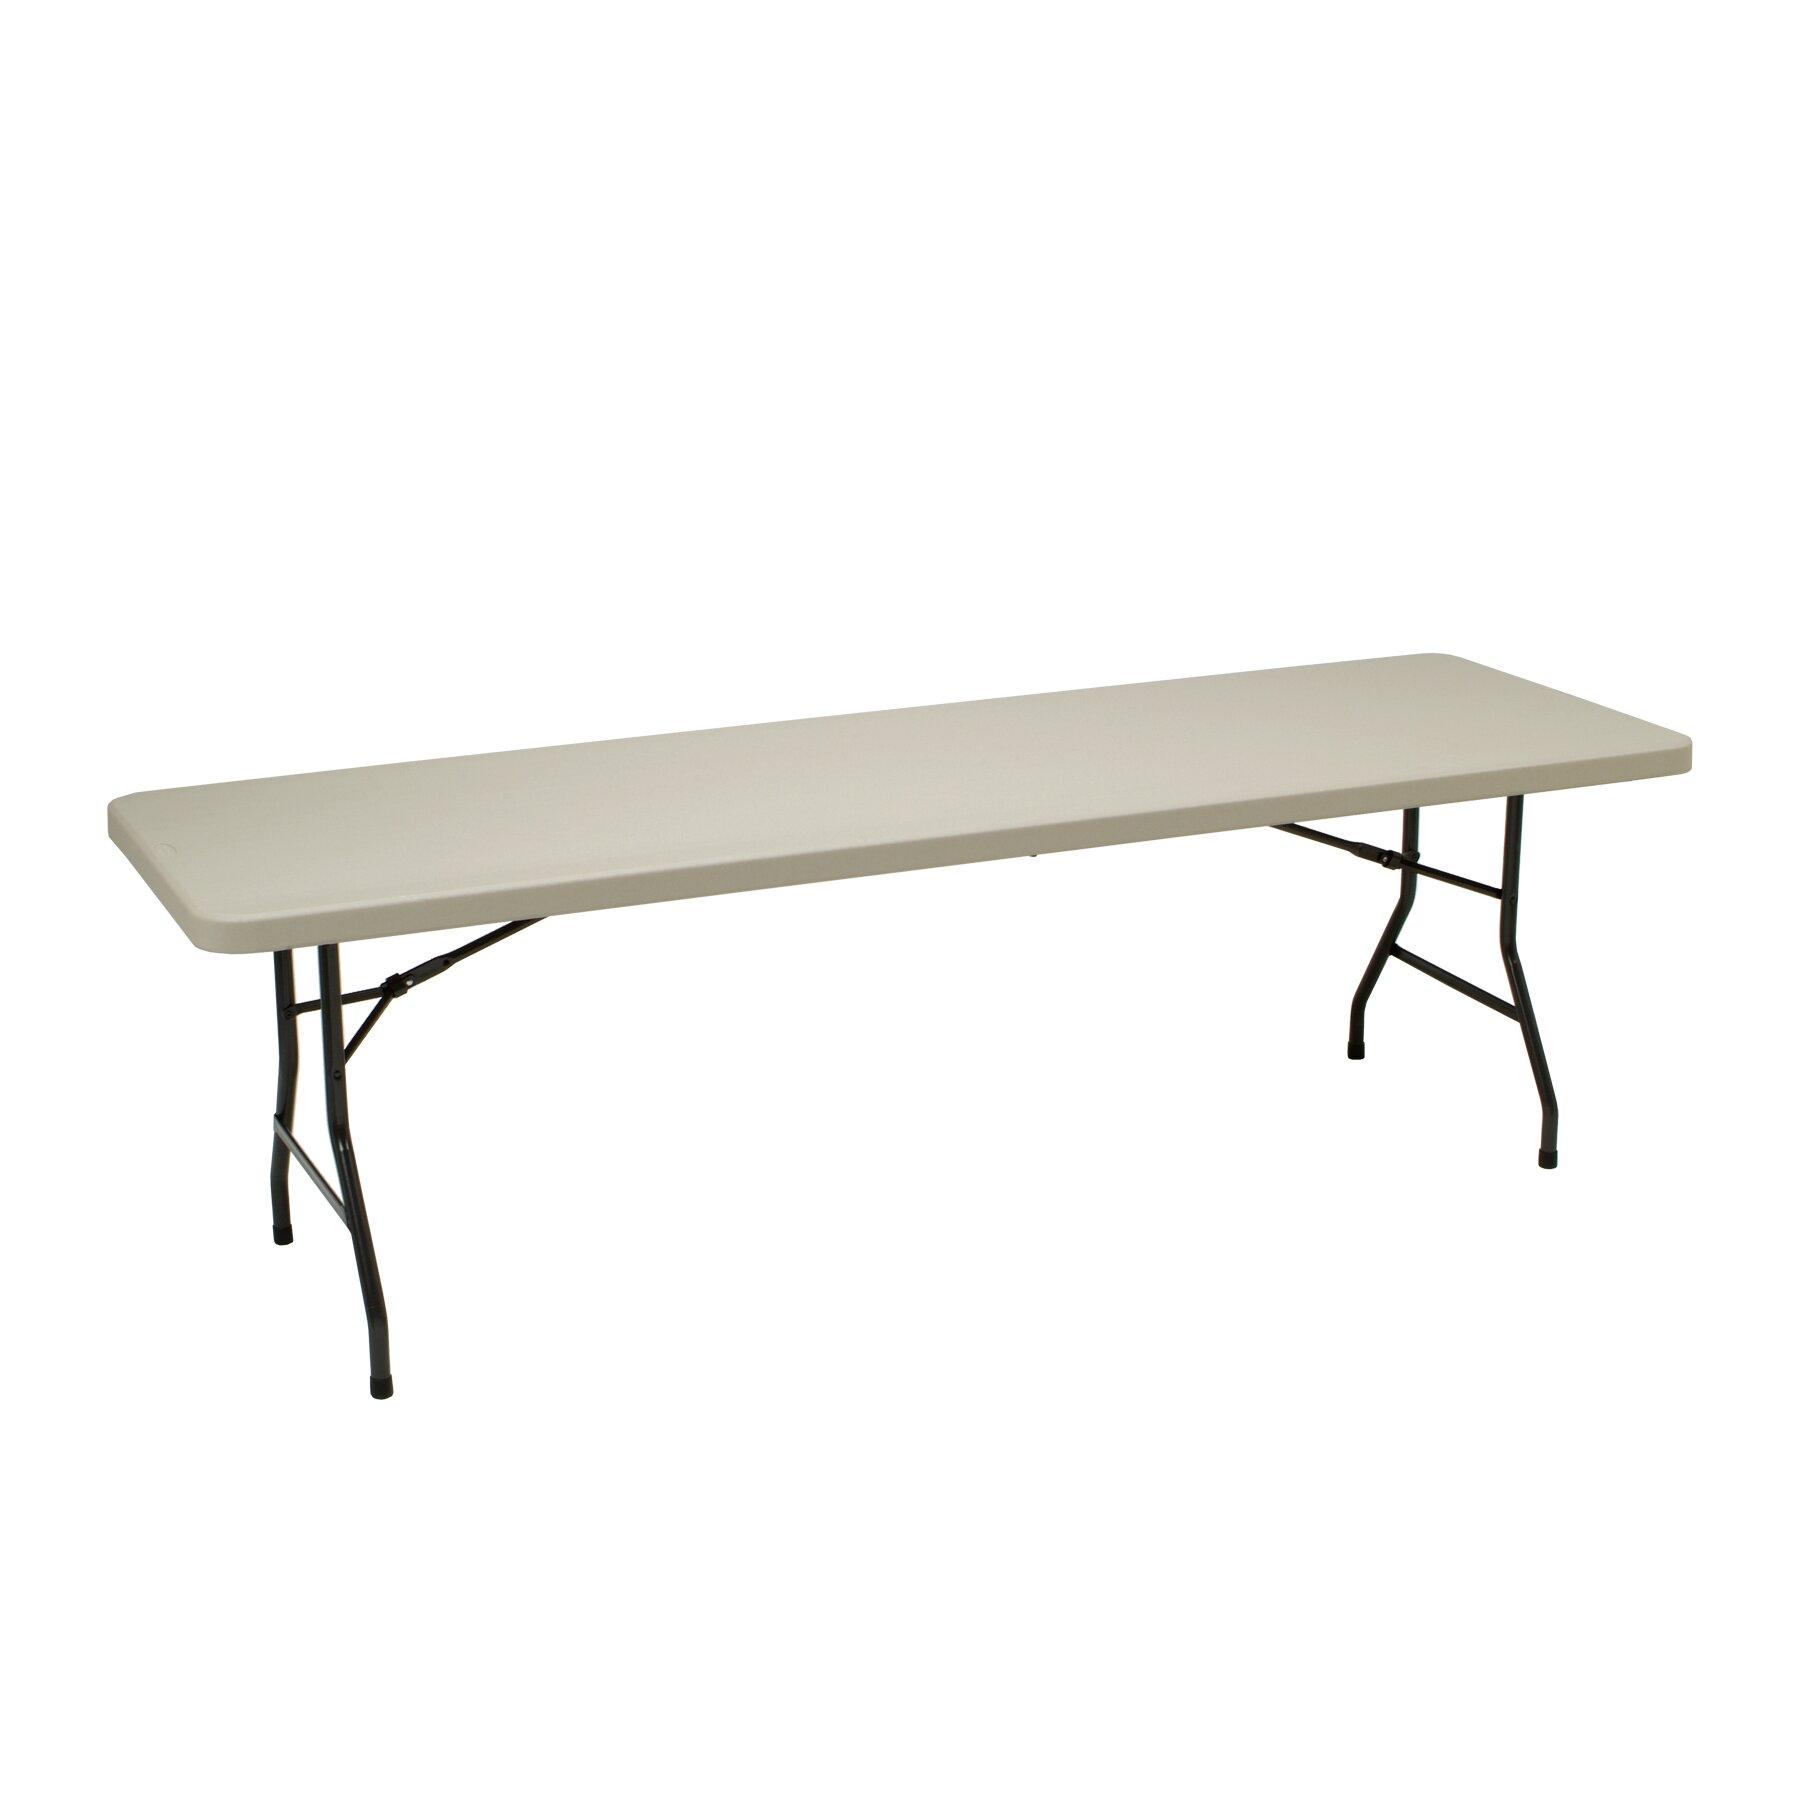 Meco 96 Quot Rectangular Folding Table Amp Reviews Wayfair